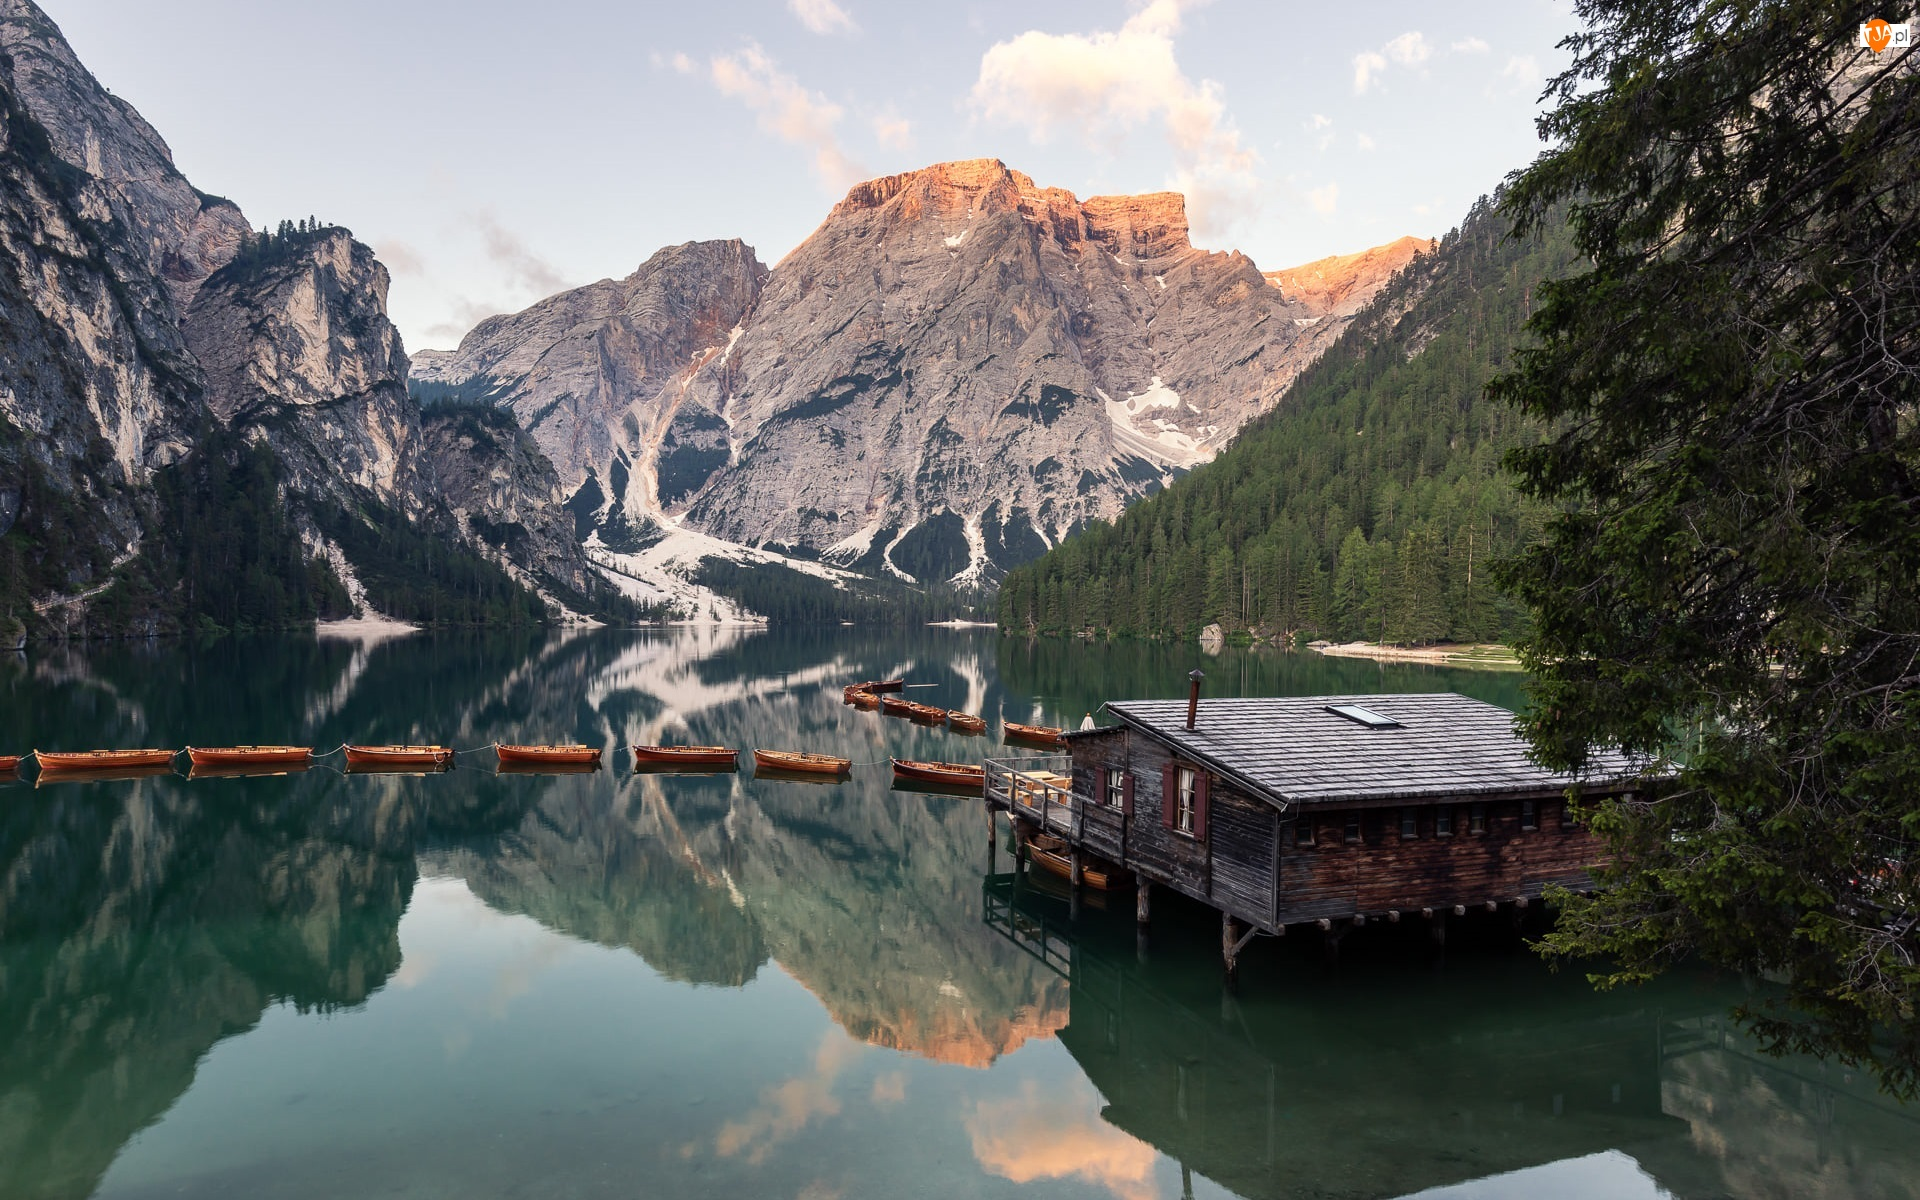 Pragser Wildsee, Lasy, Drewniany, Góry, Południowy Tyrol, Domek, Drzewa, Włochy, Dolomity, Jezioro, Łódki